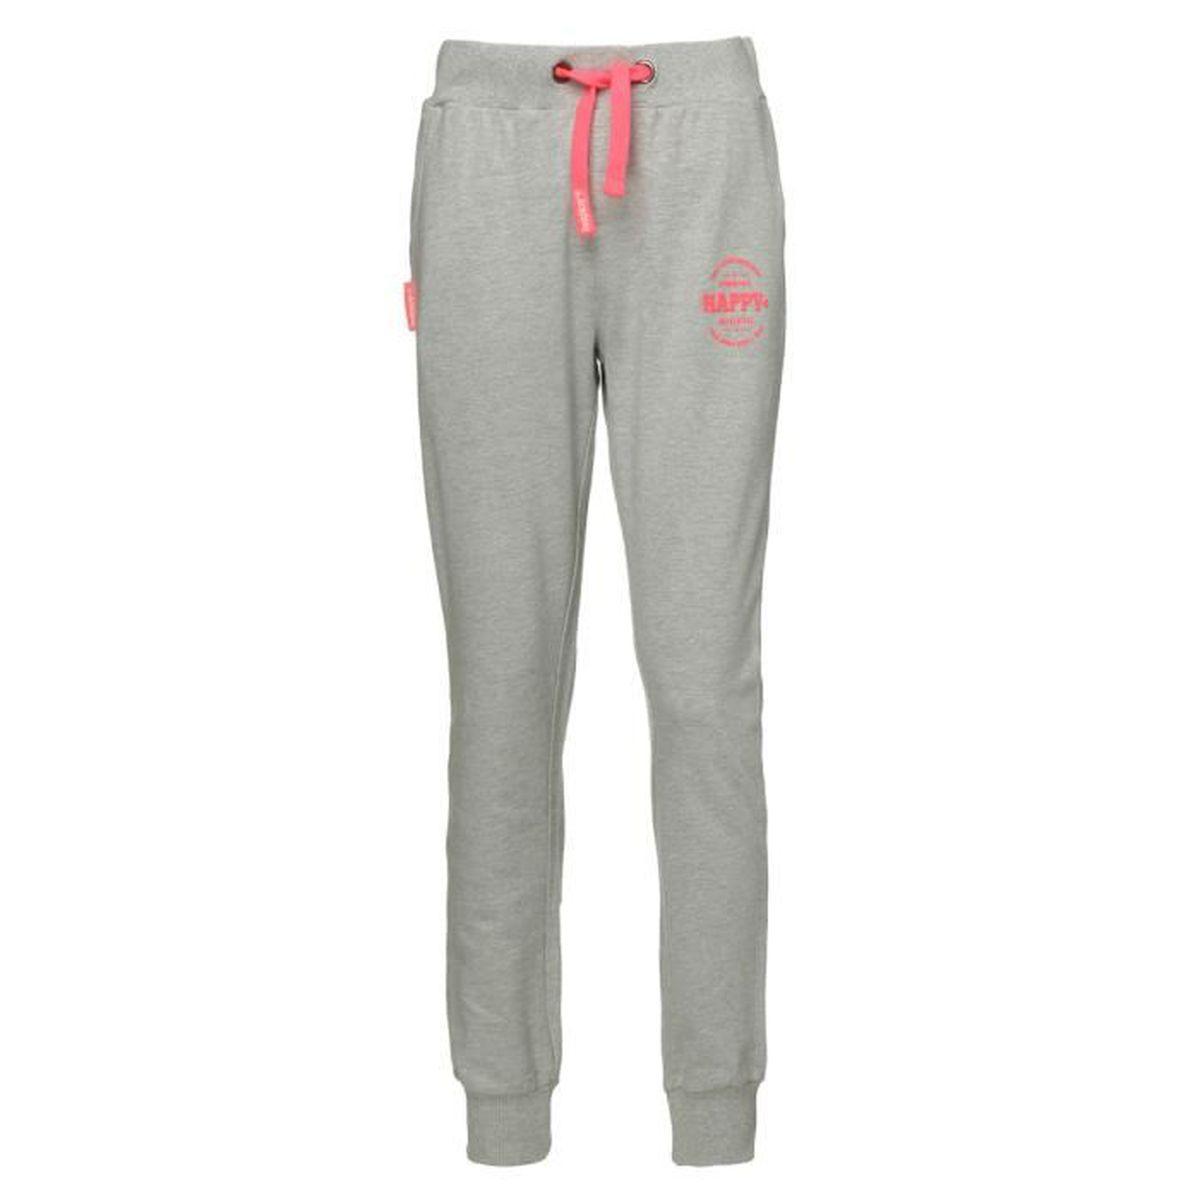 Pantalon de sport femme - Achat   Vente pas cher 311d1fb1250